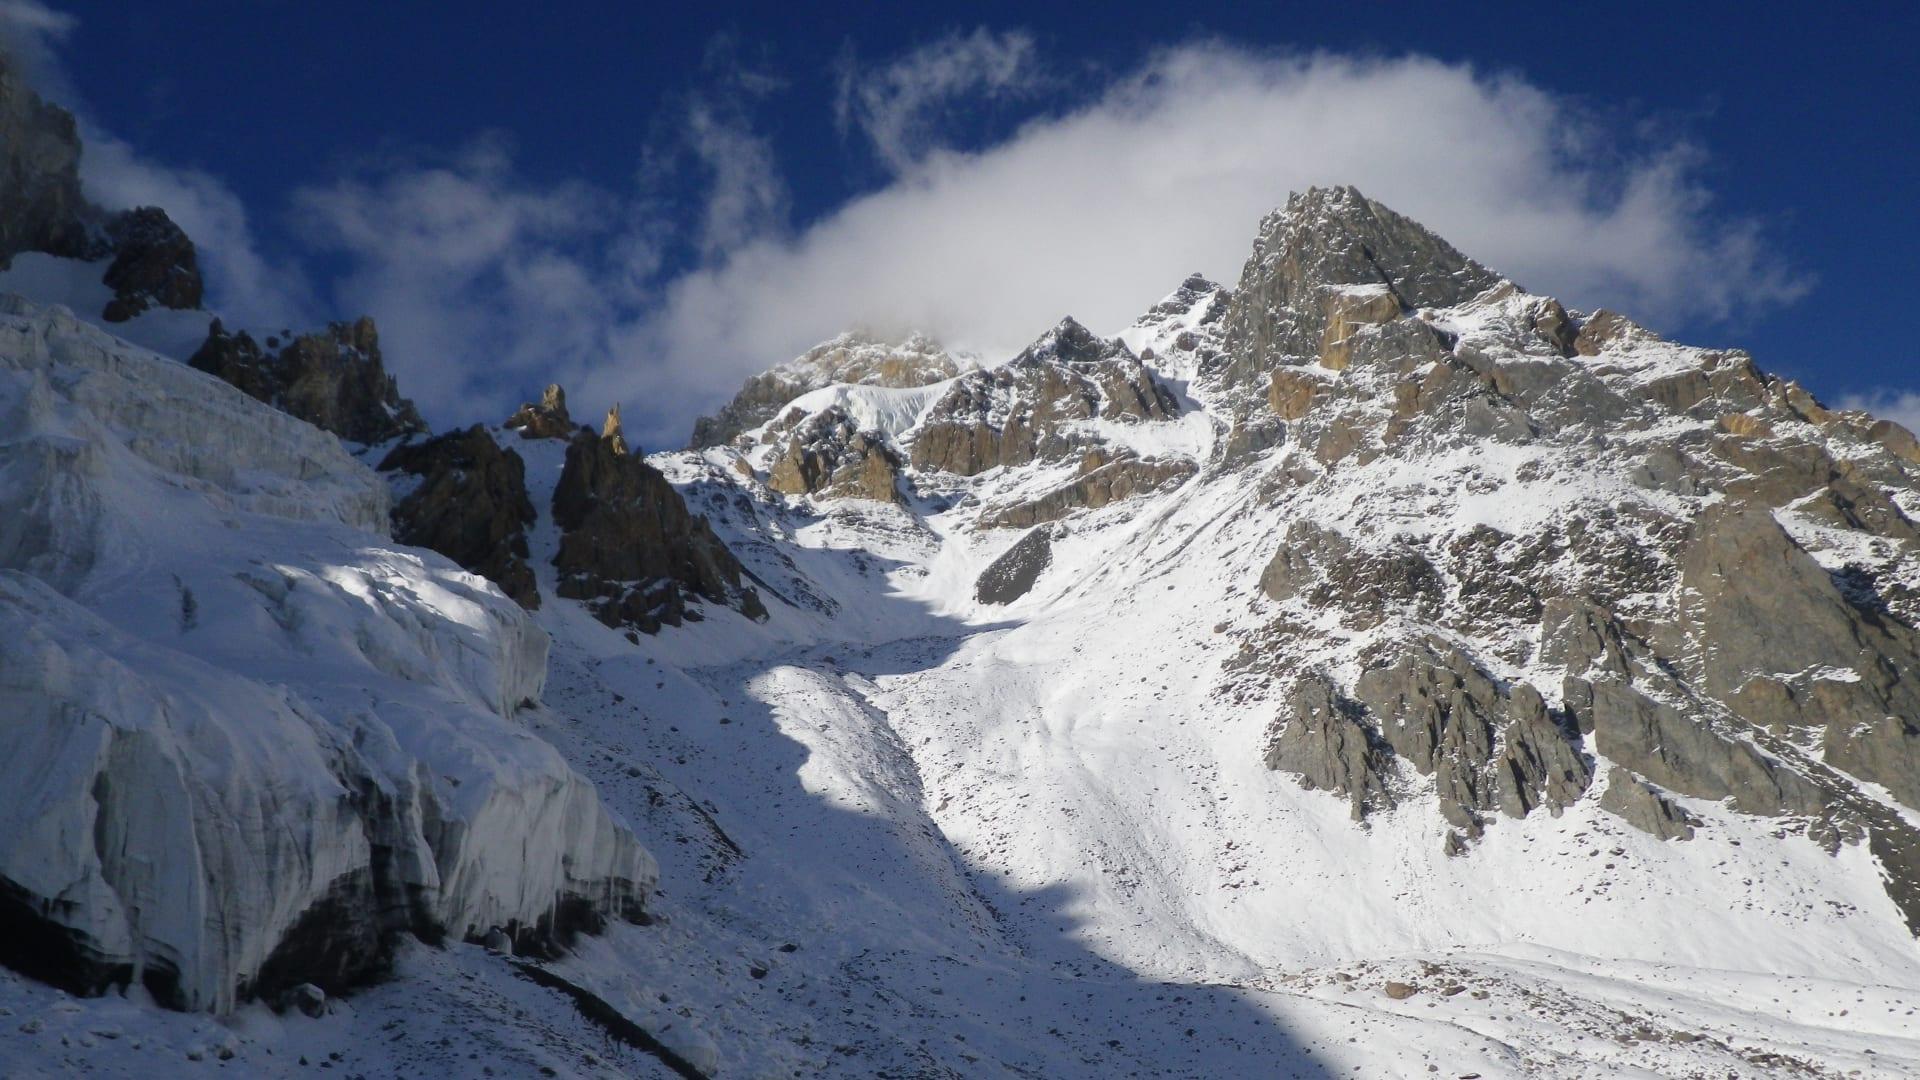 """أعلى قمة غير متسلقة في العالم.. ما قصة جبل """"موتشو تشيش"""" في باكستان؟"""